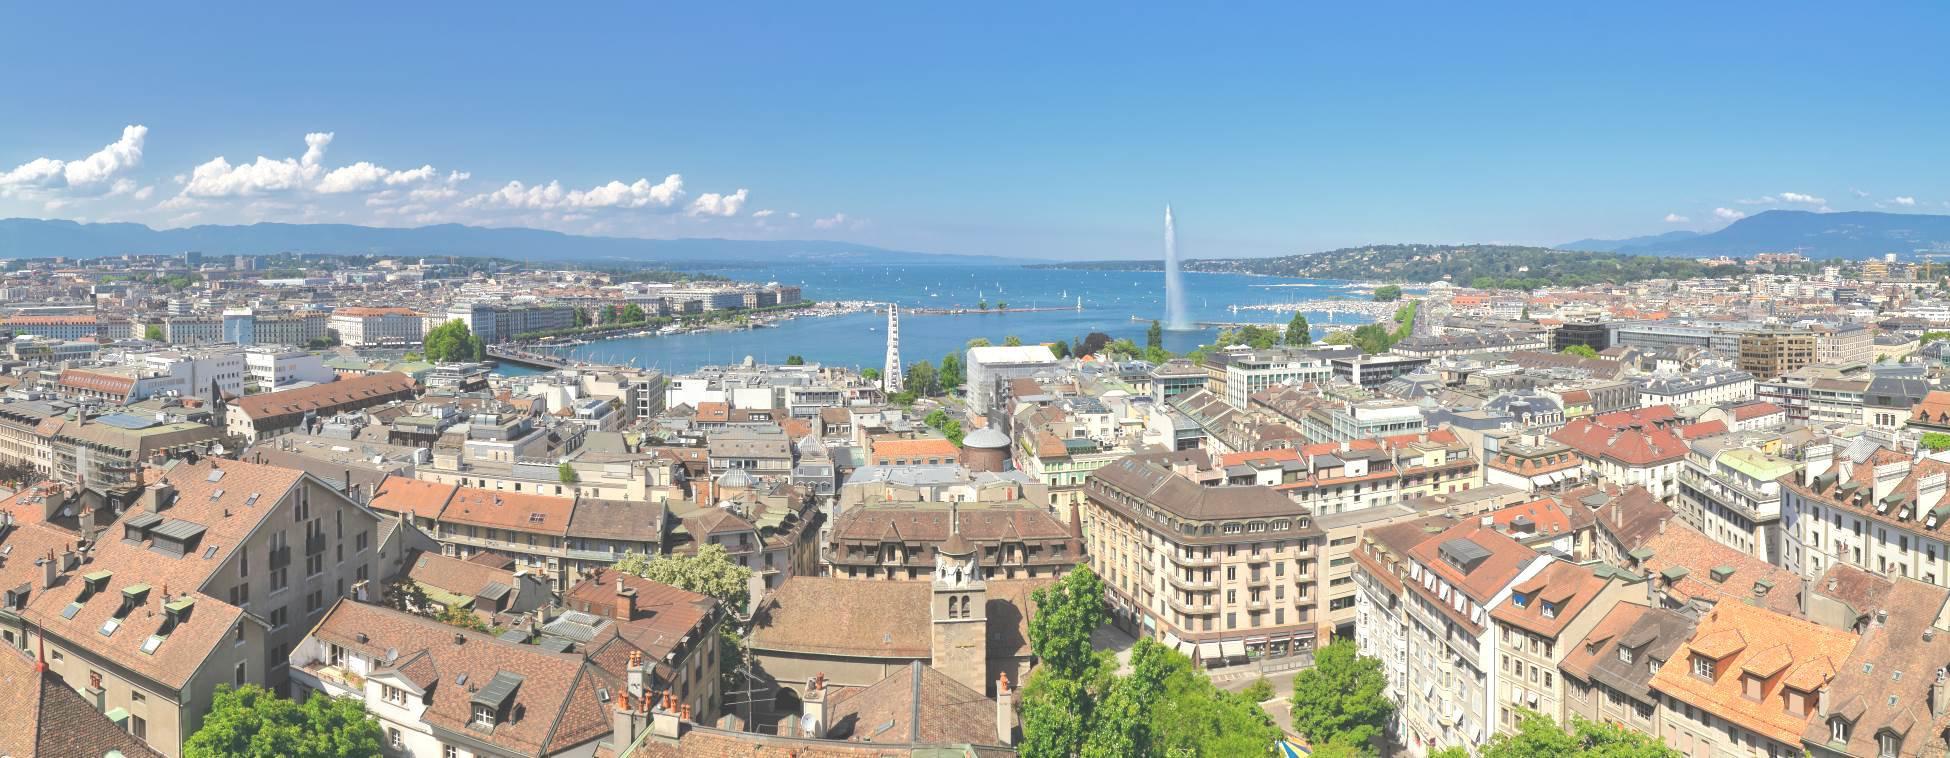 Conciergerie airbnb Genève location saisonnière gestion airbnb